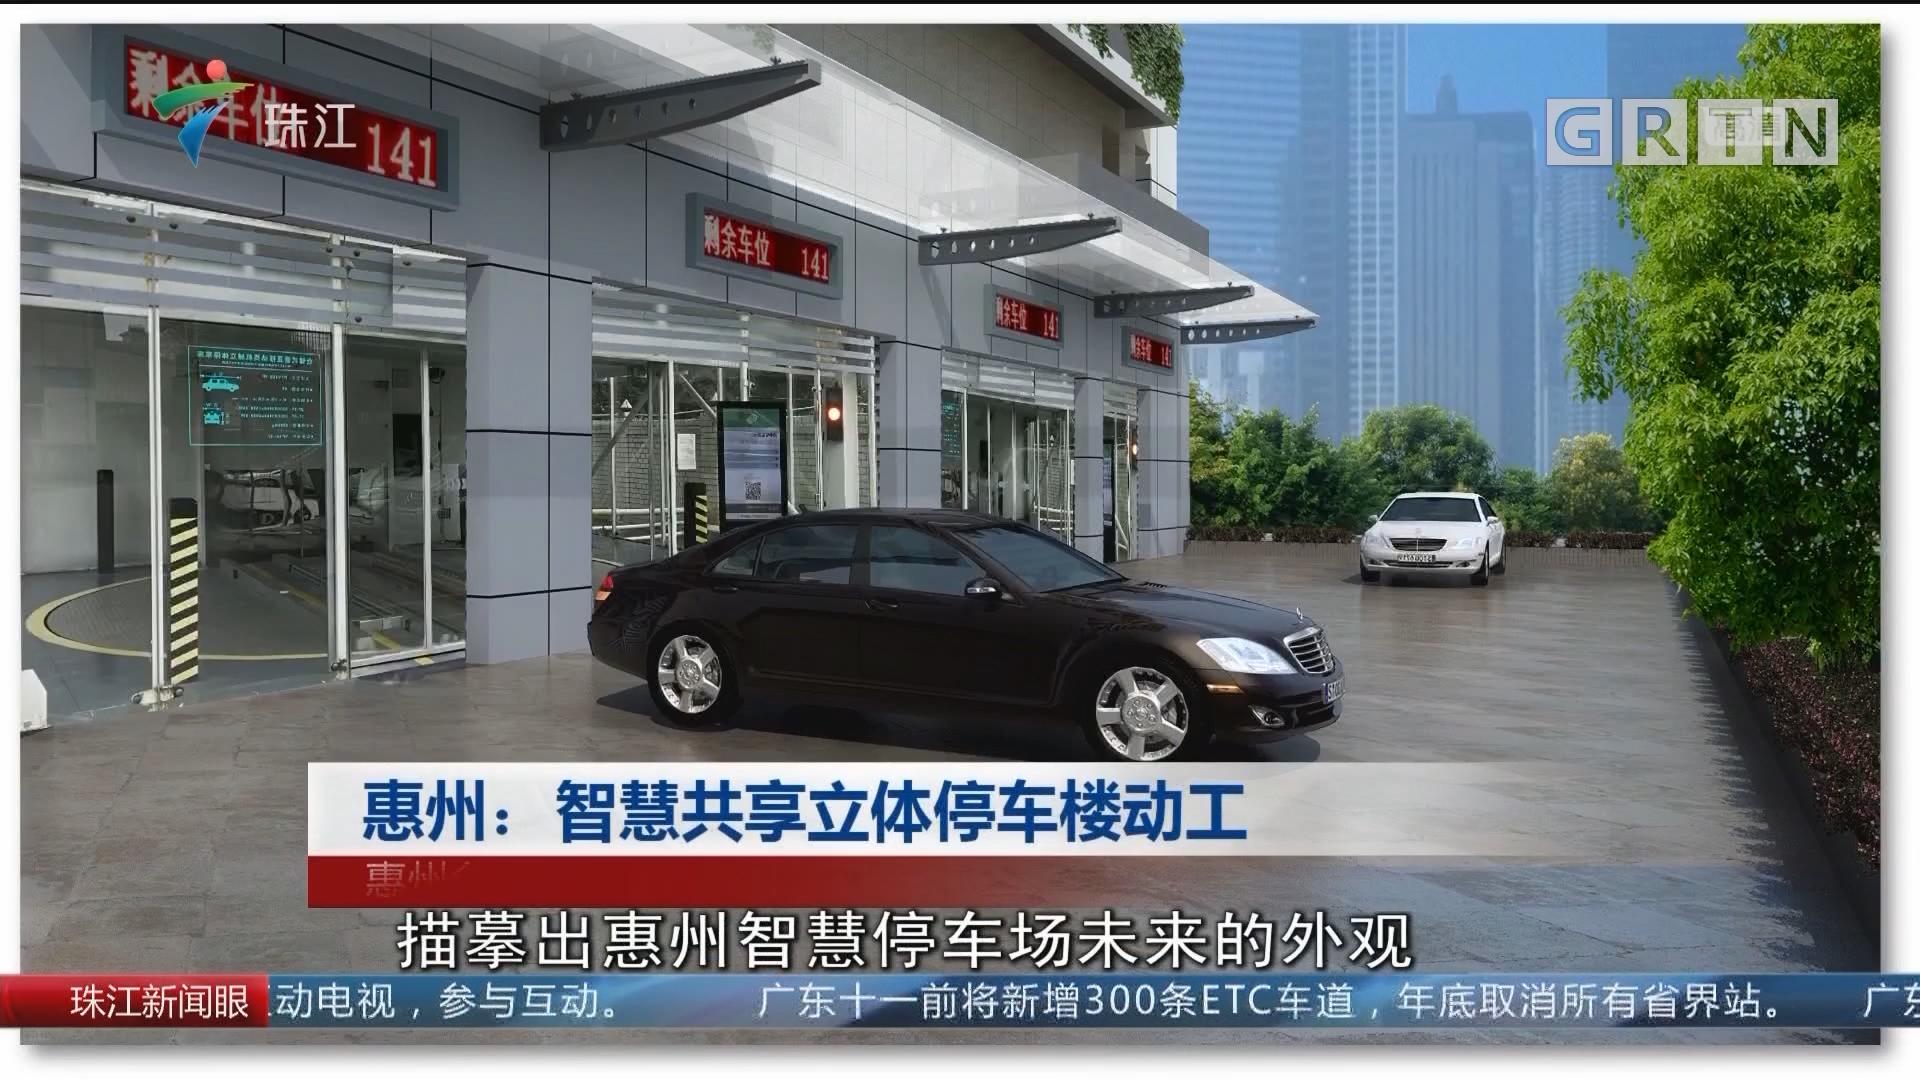 惠州:智慧共享立体停车楼动工